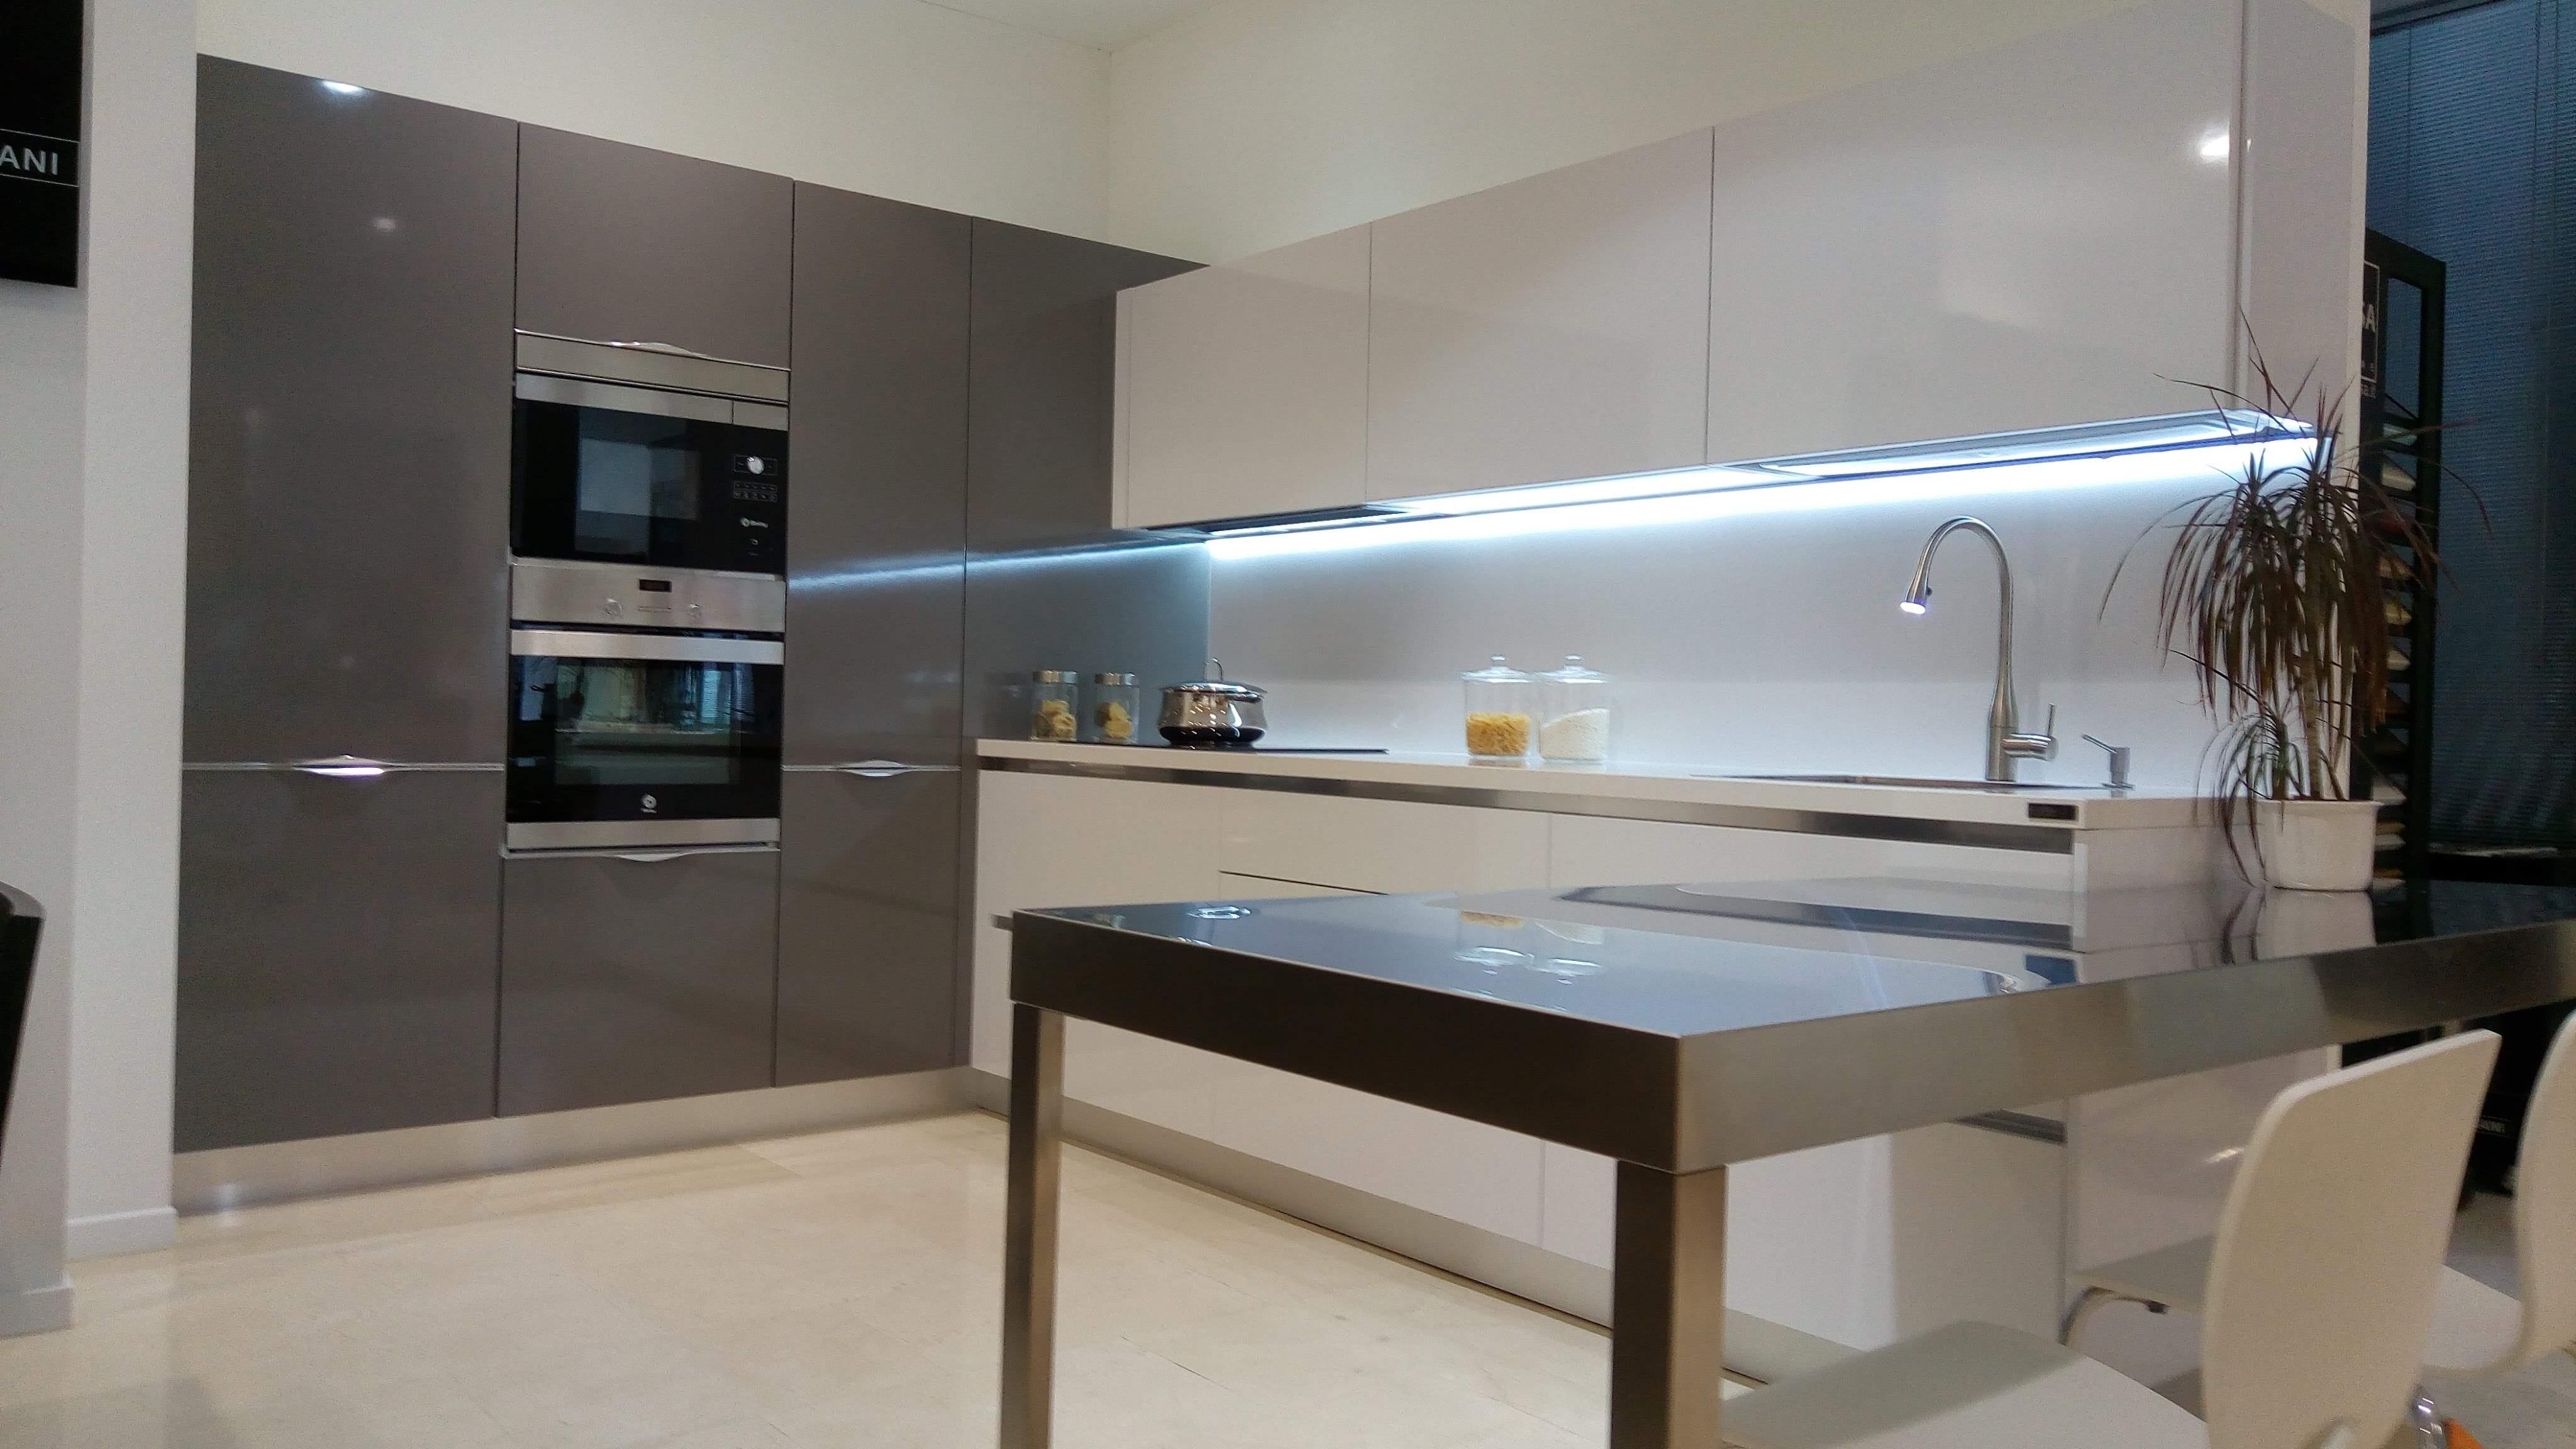 Muebles de cocina tenerife ecocasa salvarani cocinas for Muebles tifon tenerife